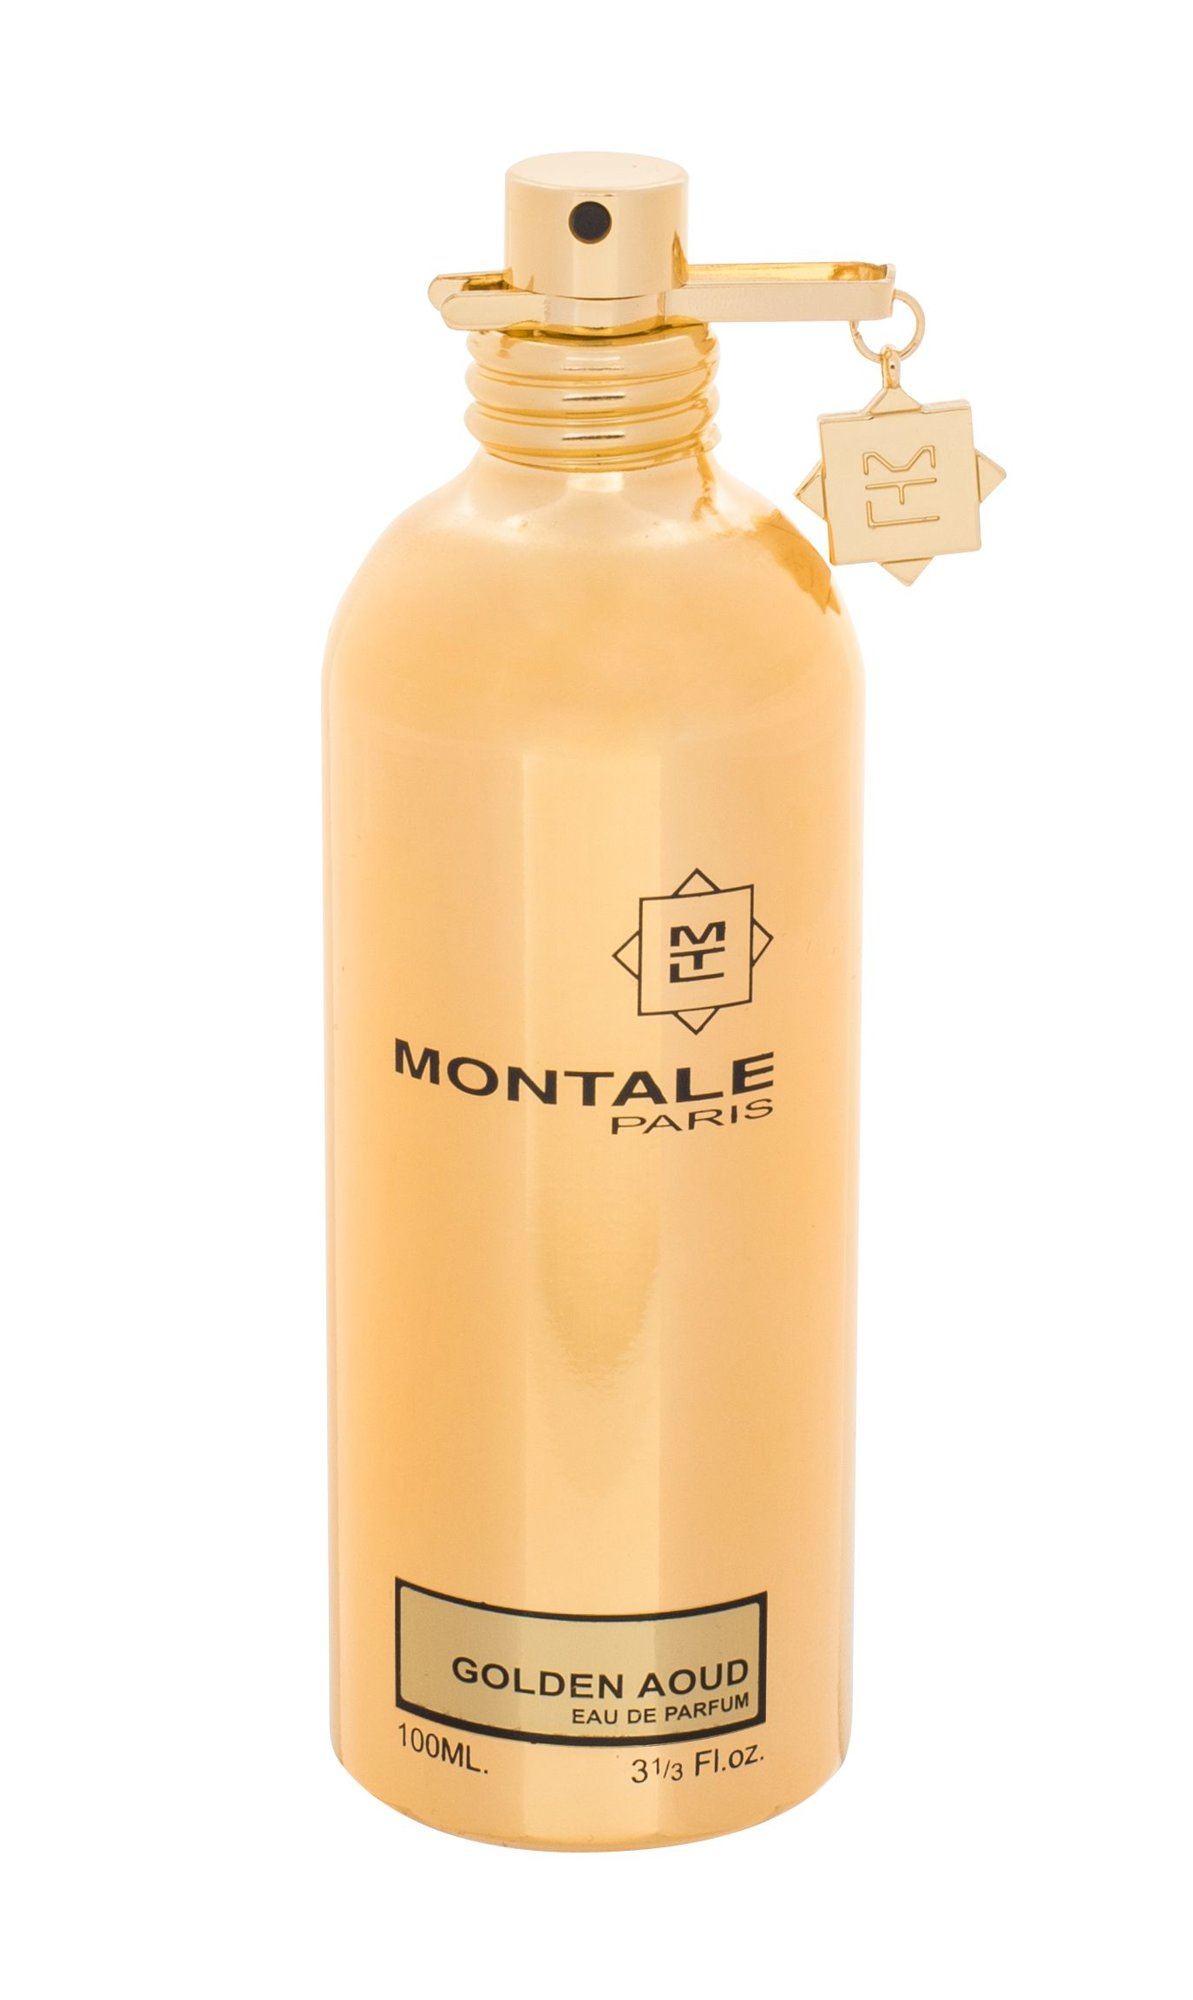 Montale Paris Golden Aoud EDP 100ml